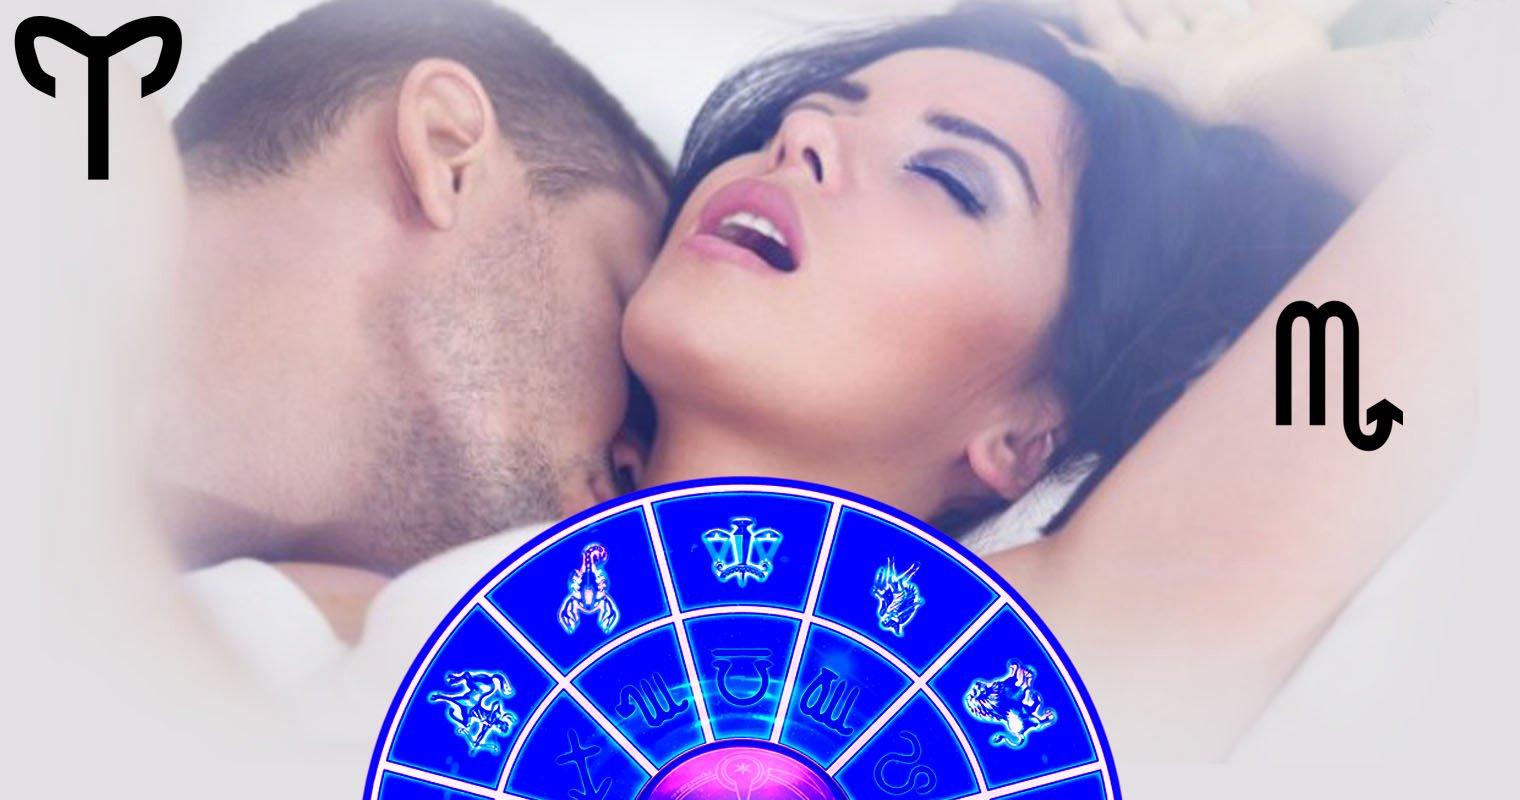 парень целует девушку, гороскоп